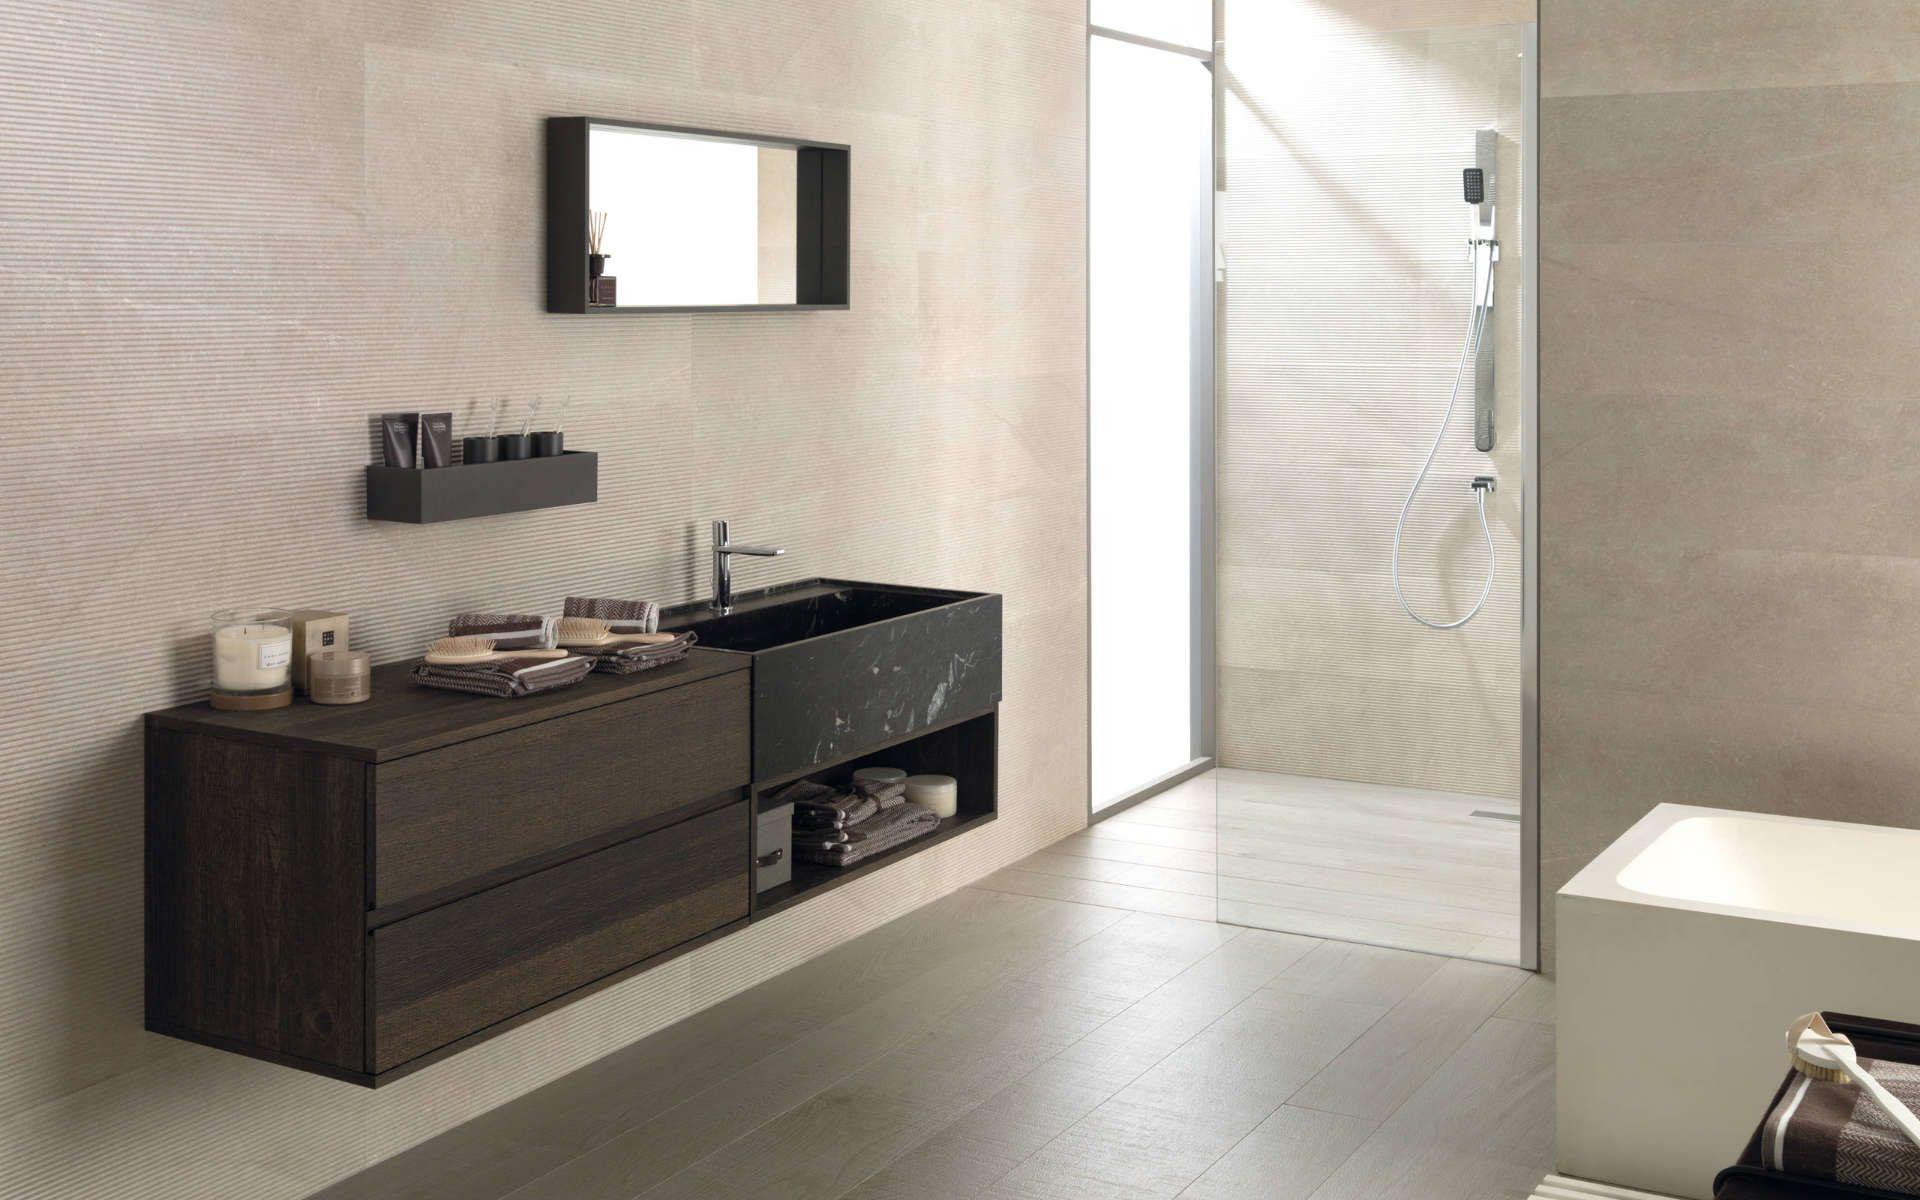 Bathroom Furniture Icon Roble Carbon Salle De Bain Porcelanosa Mobilier Salle De Bain Meuble Salle De Bain